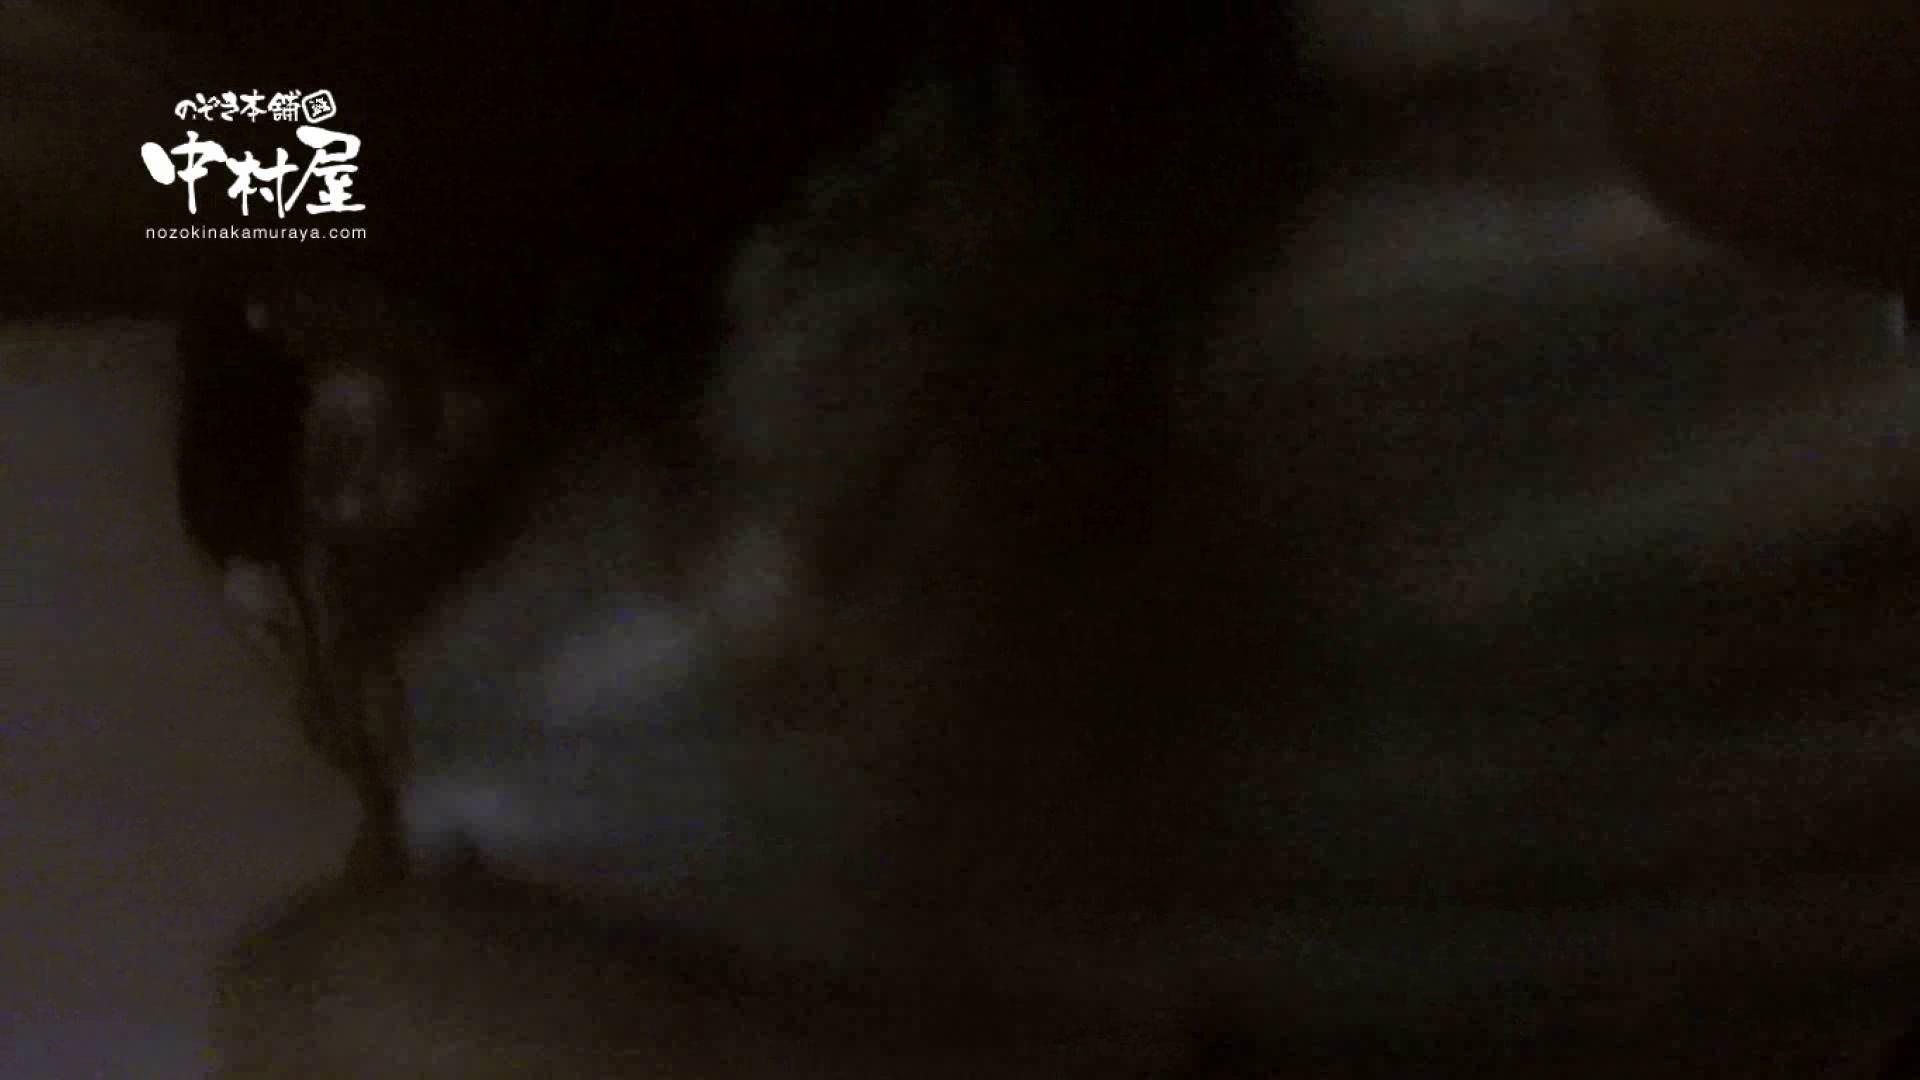 鬼畜 vol.05 誰にも言うなよ! はぃ… 前編 鬼畜  83PIX 42